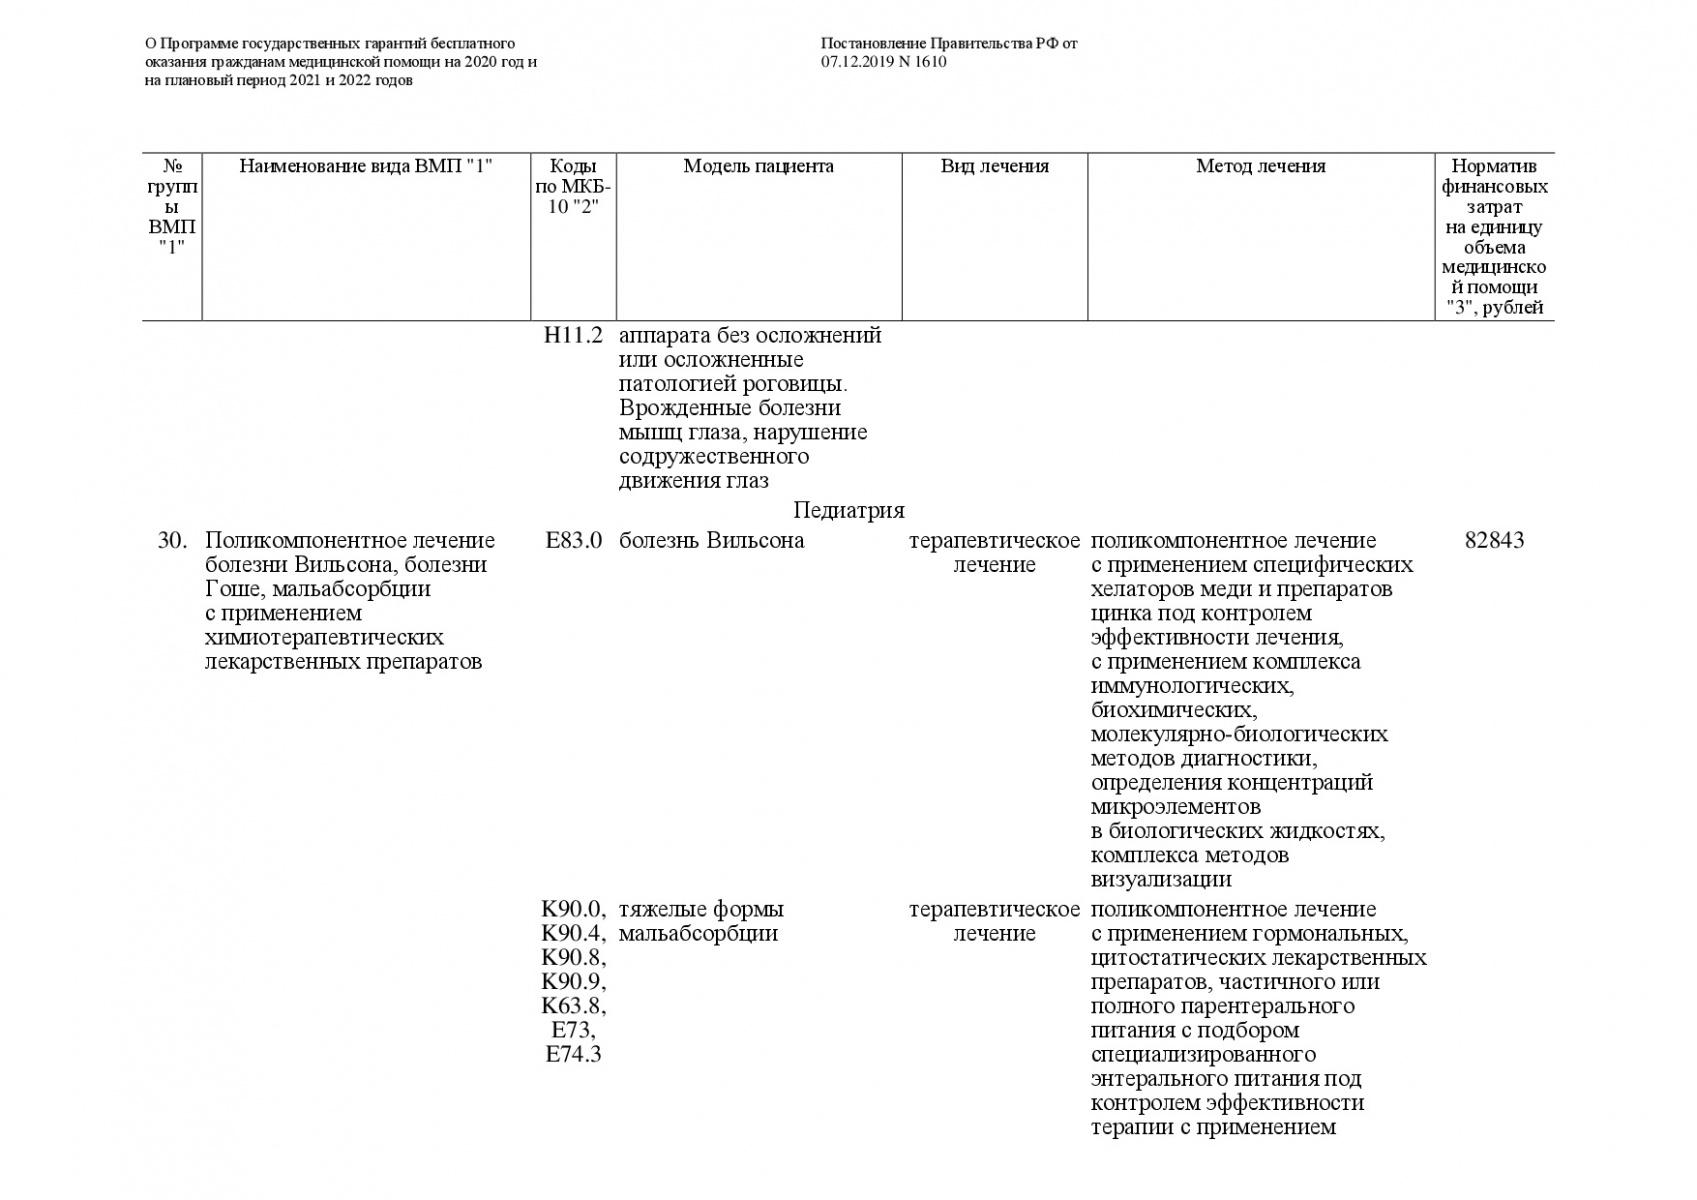 Postanovlenie-Pravitelstva-RF-ot-07_12_2019-1610-O-PGG-115